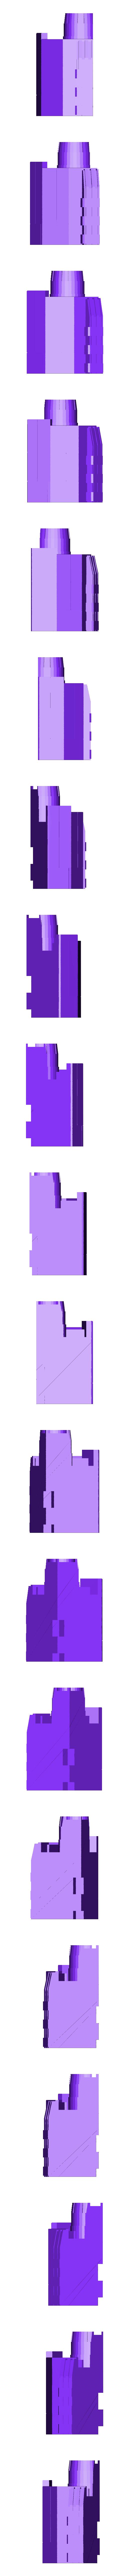 Rear_TopBA.stl Télécharger fichier STL gratuit Frégate Nebulon B (coupée et sectionnée) • Modèle pour impression 3D, Masterkookus